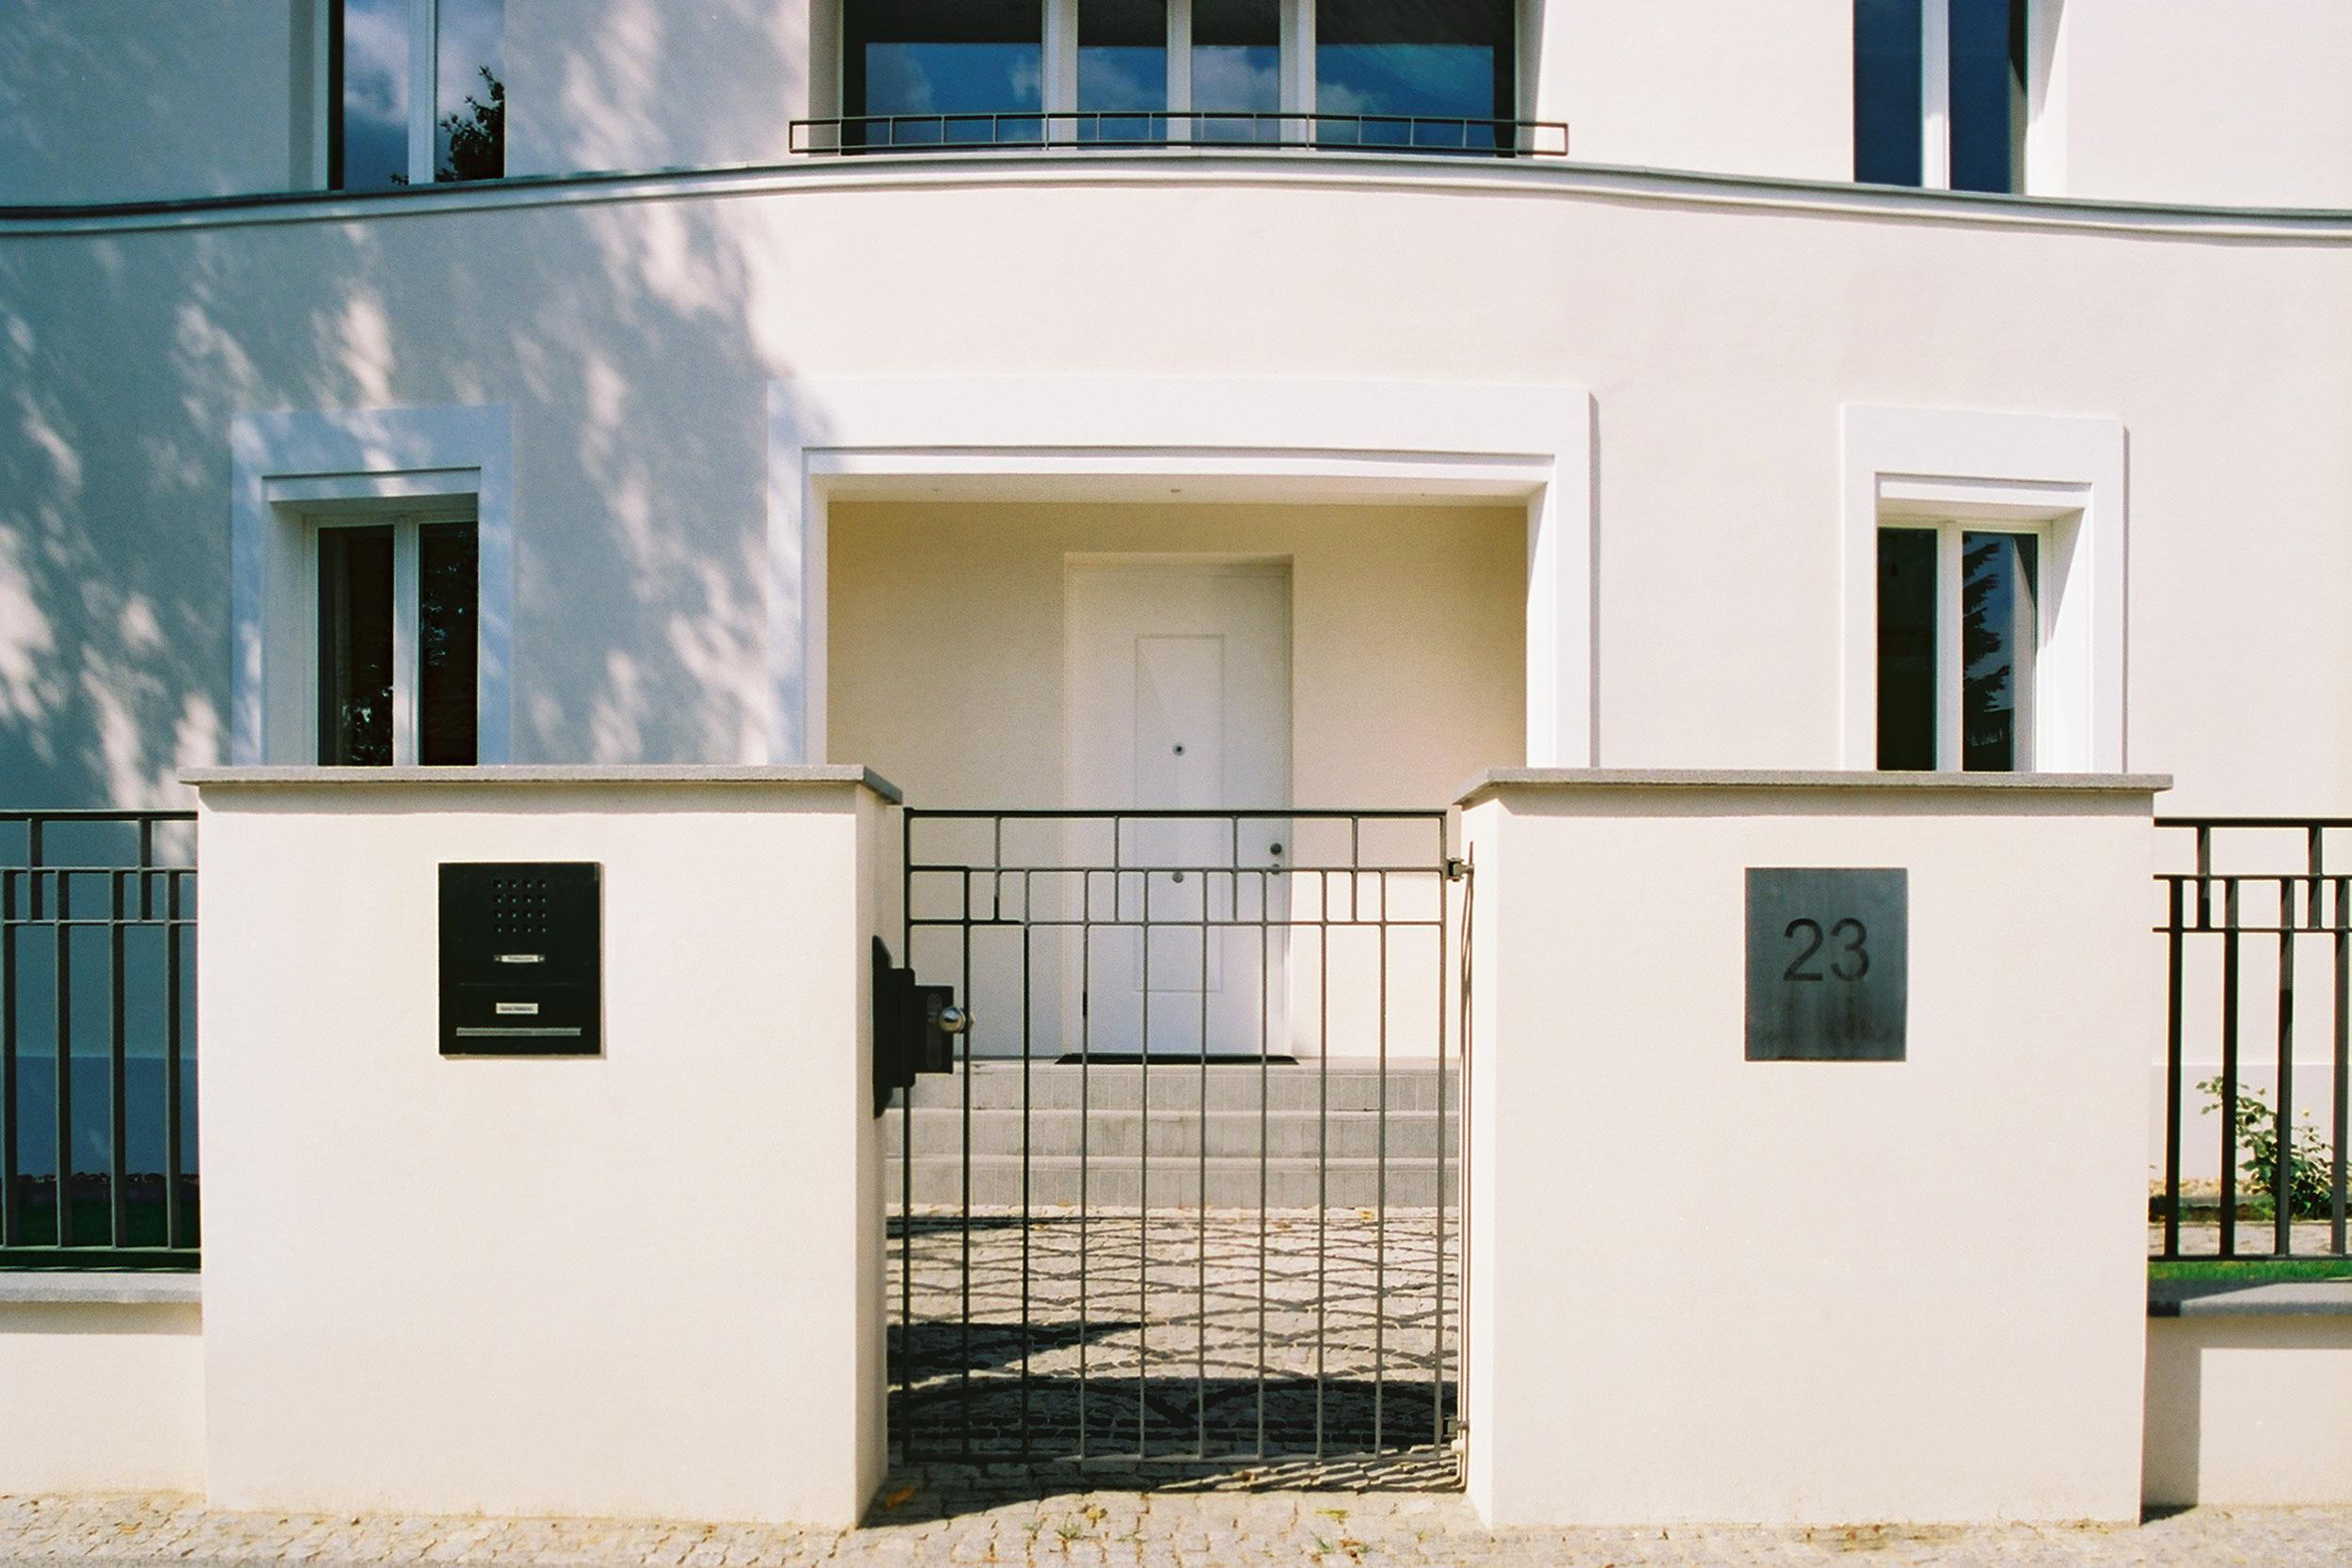 Die geschwungene Fassade akzentuiert den repräsentativen Haupteingang.